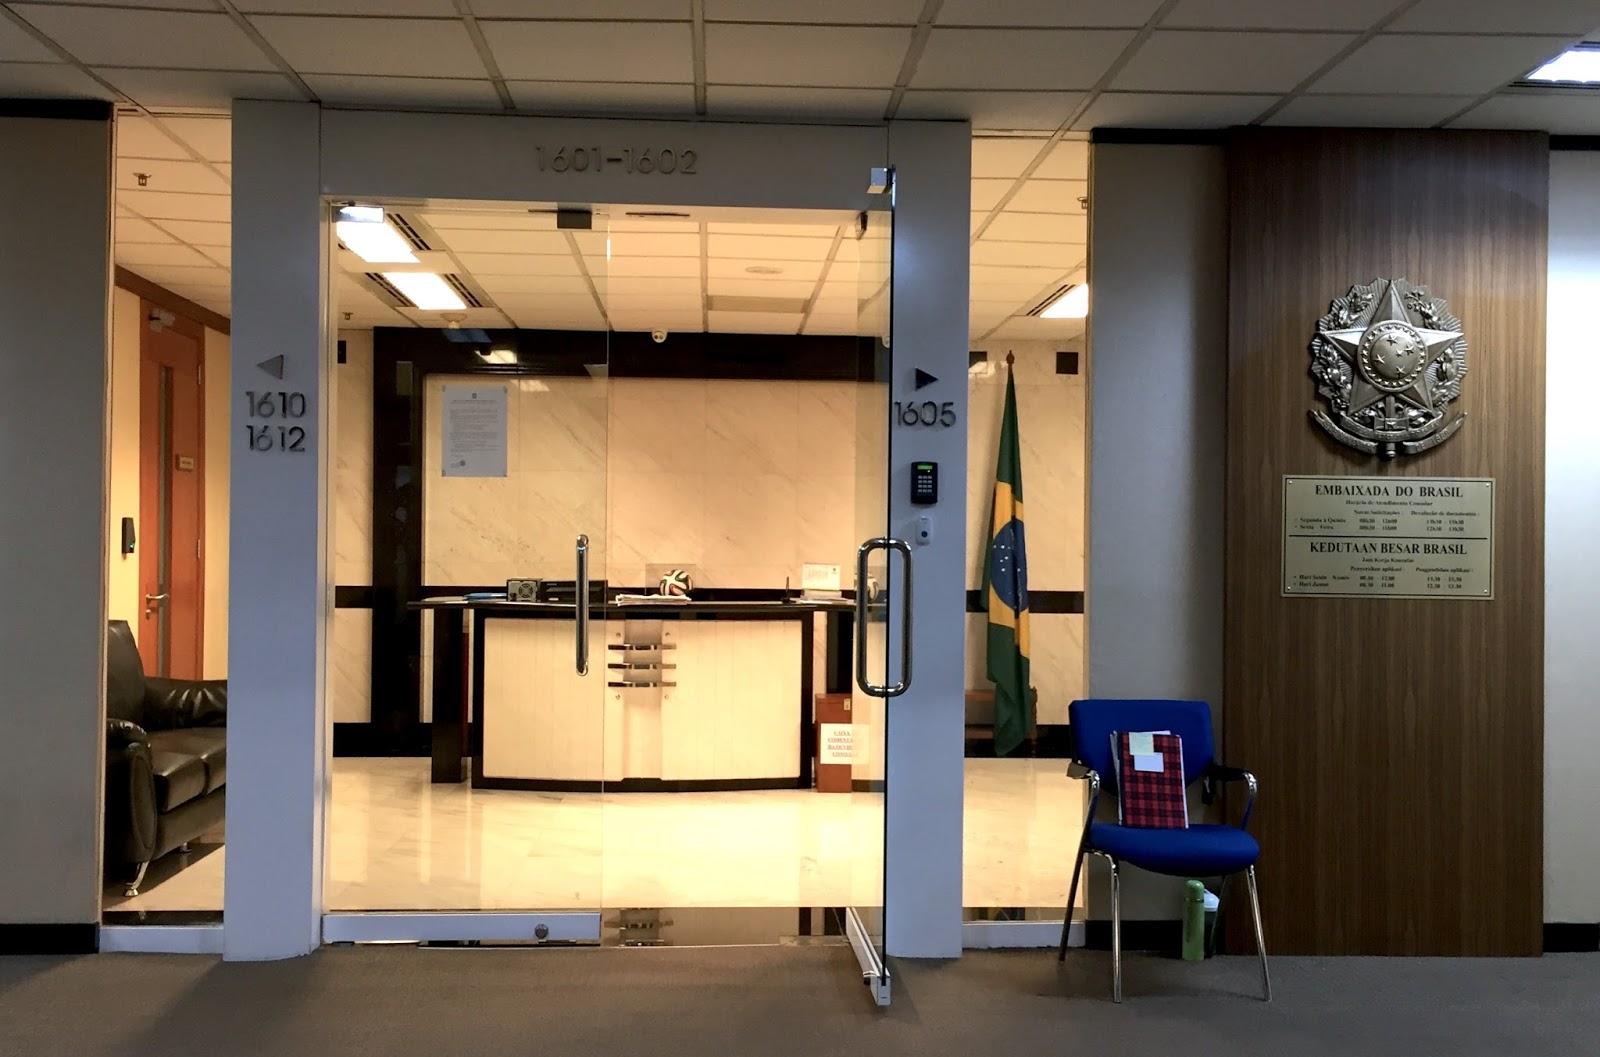 Pengalaman Mengurus Visa Brazil di Jakarta - Kedutaan Brazil Menara Mulia